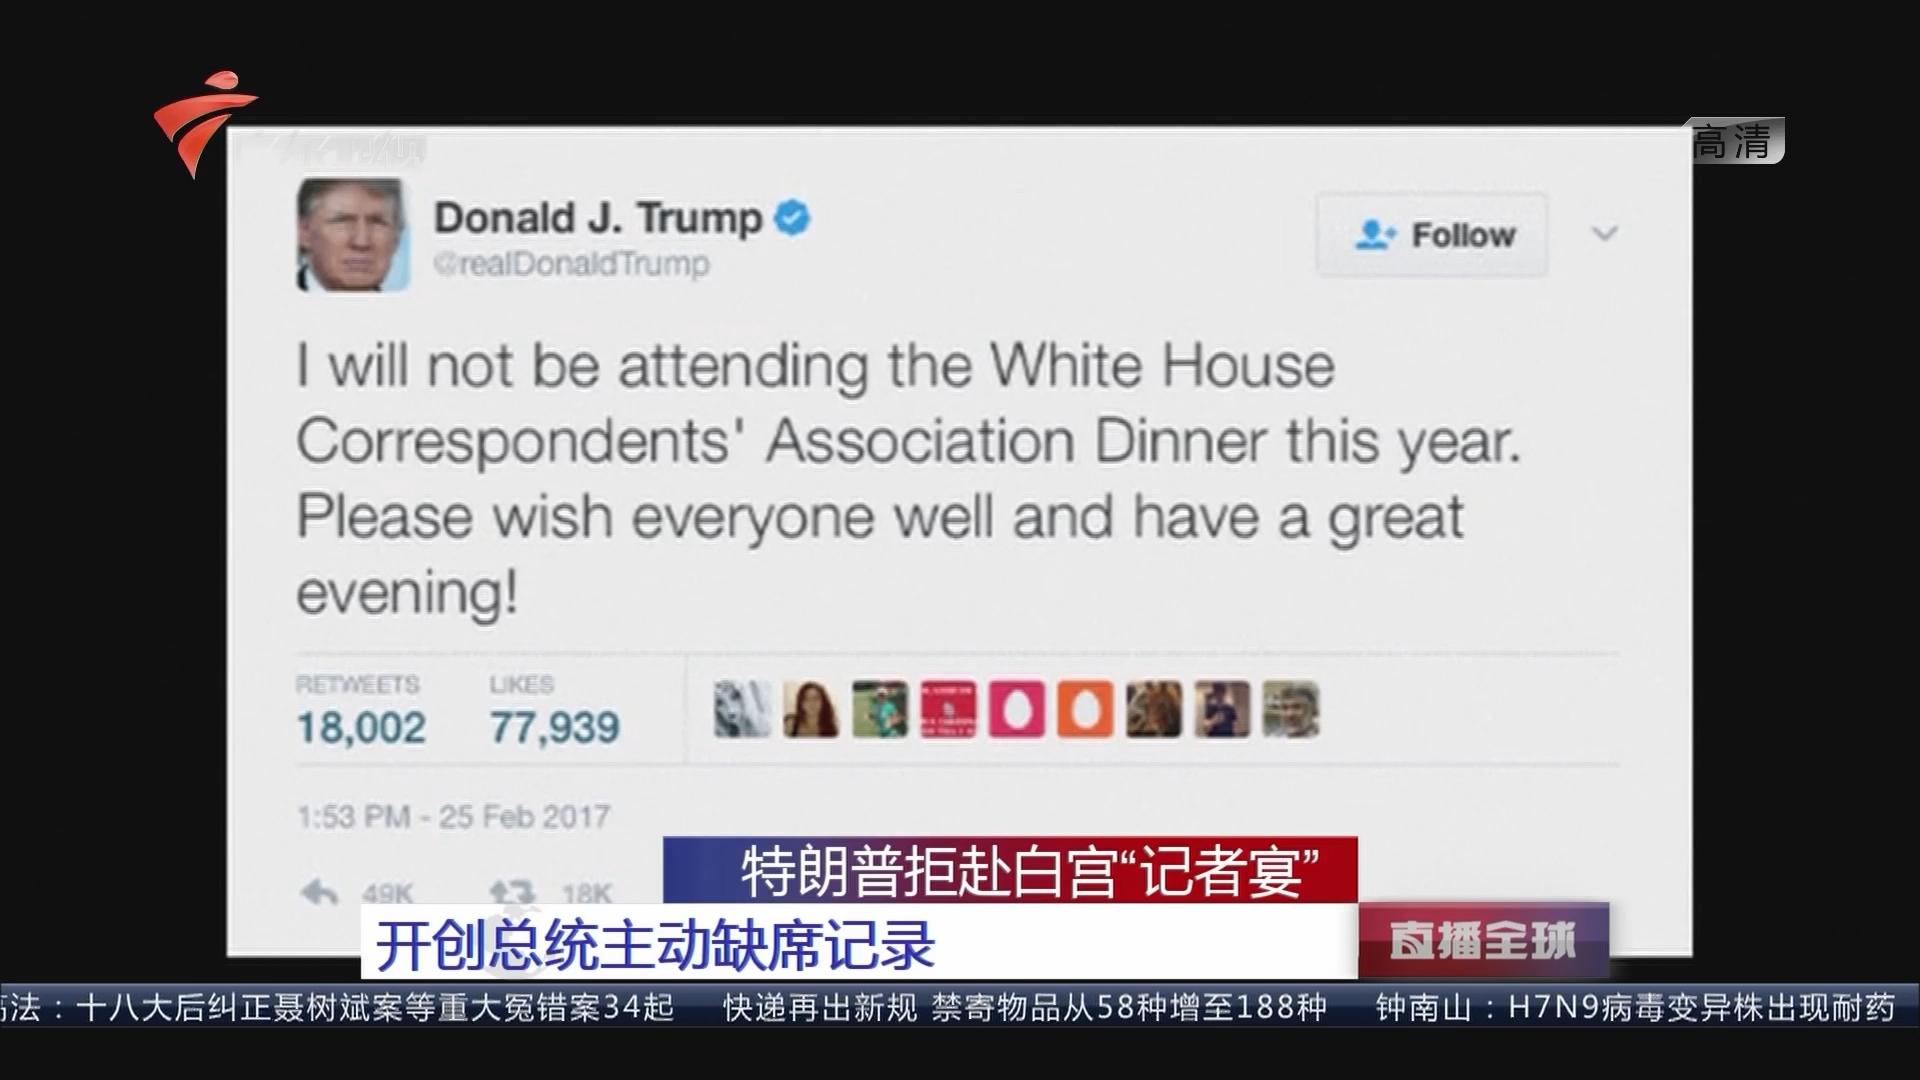 """特朗普拒赴白宫""""记者宴"""" 开创总统主动缺席记录"""